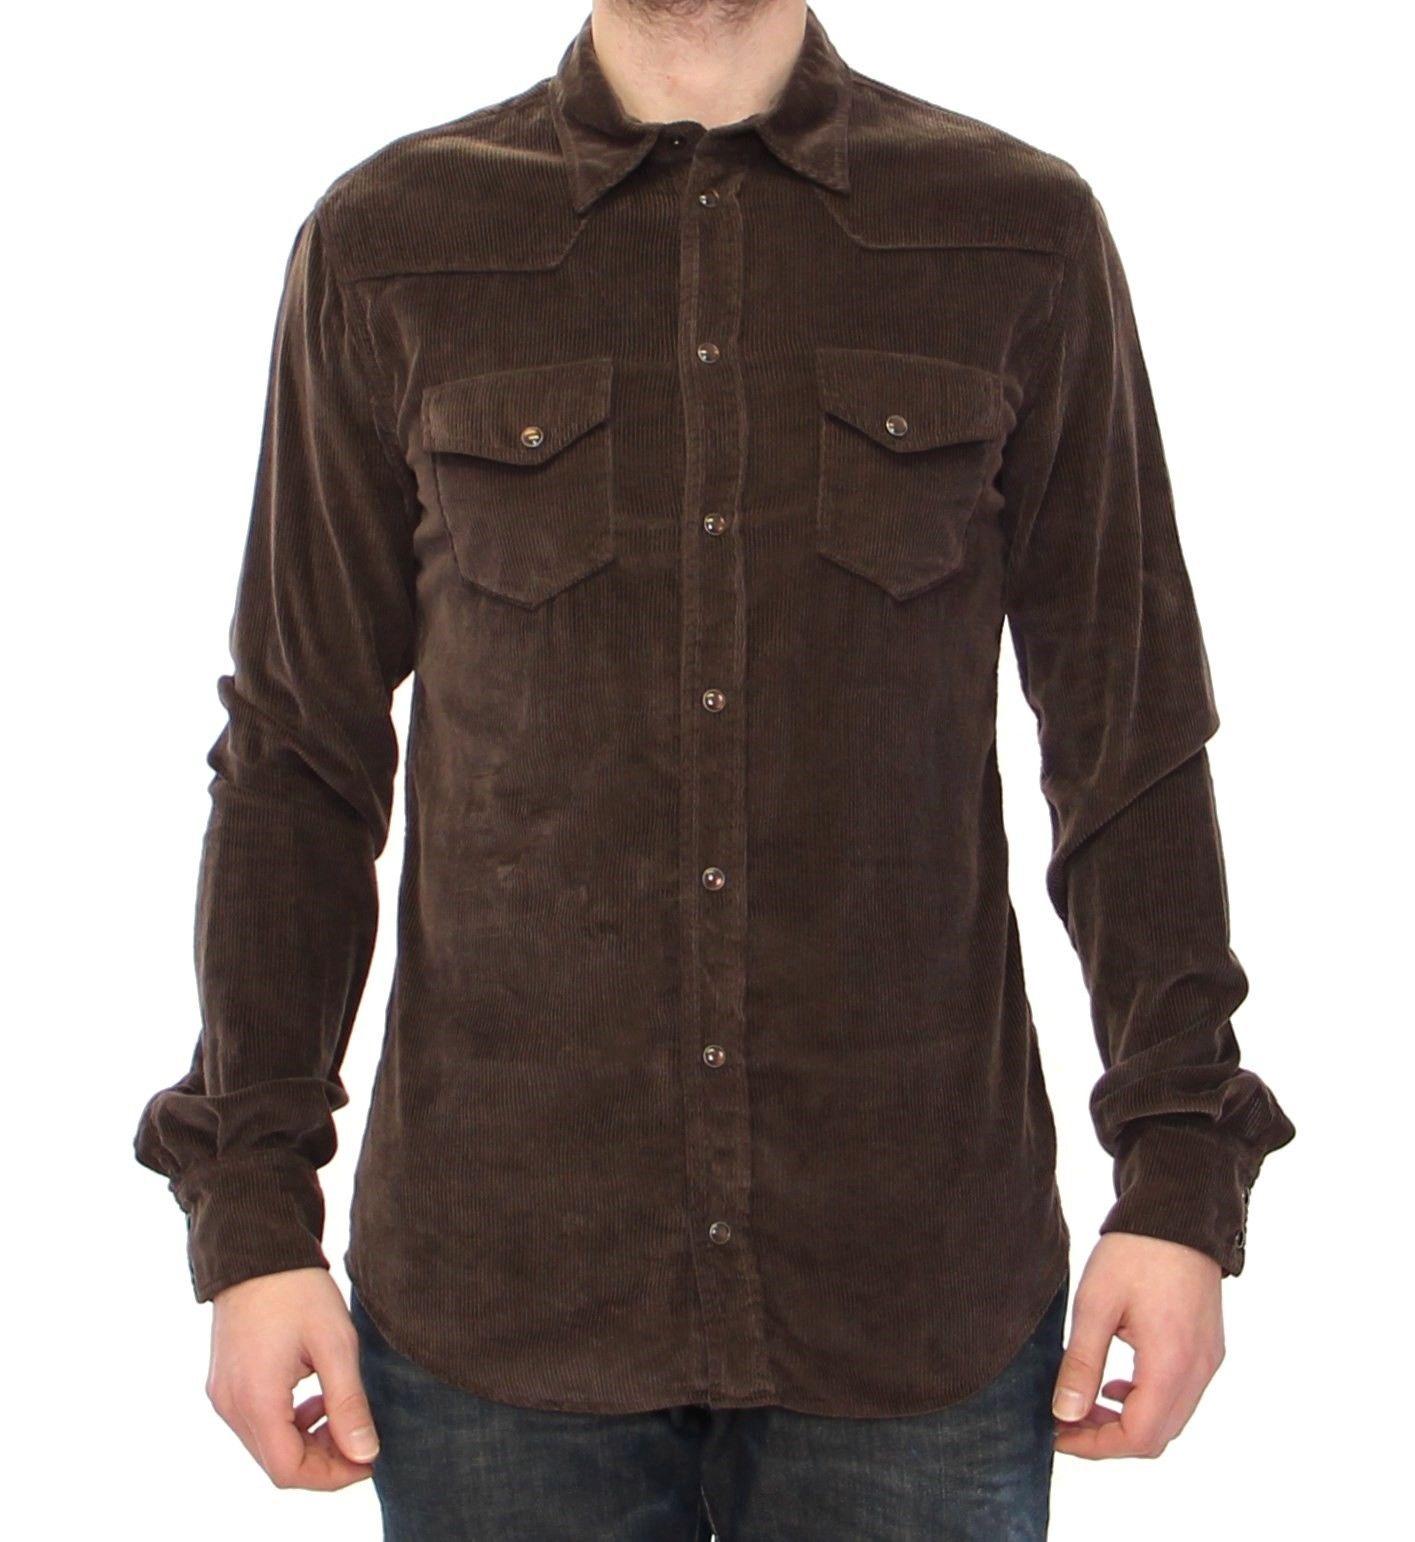 Dolce & Gabbana Men's Manchester Casual Shirt Brown GRH10251 - 40